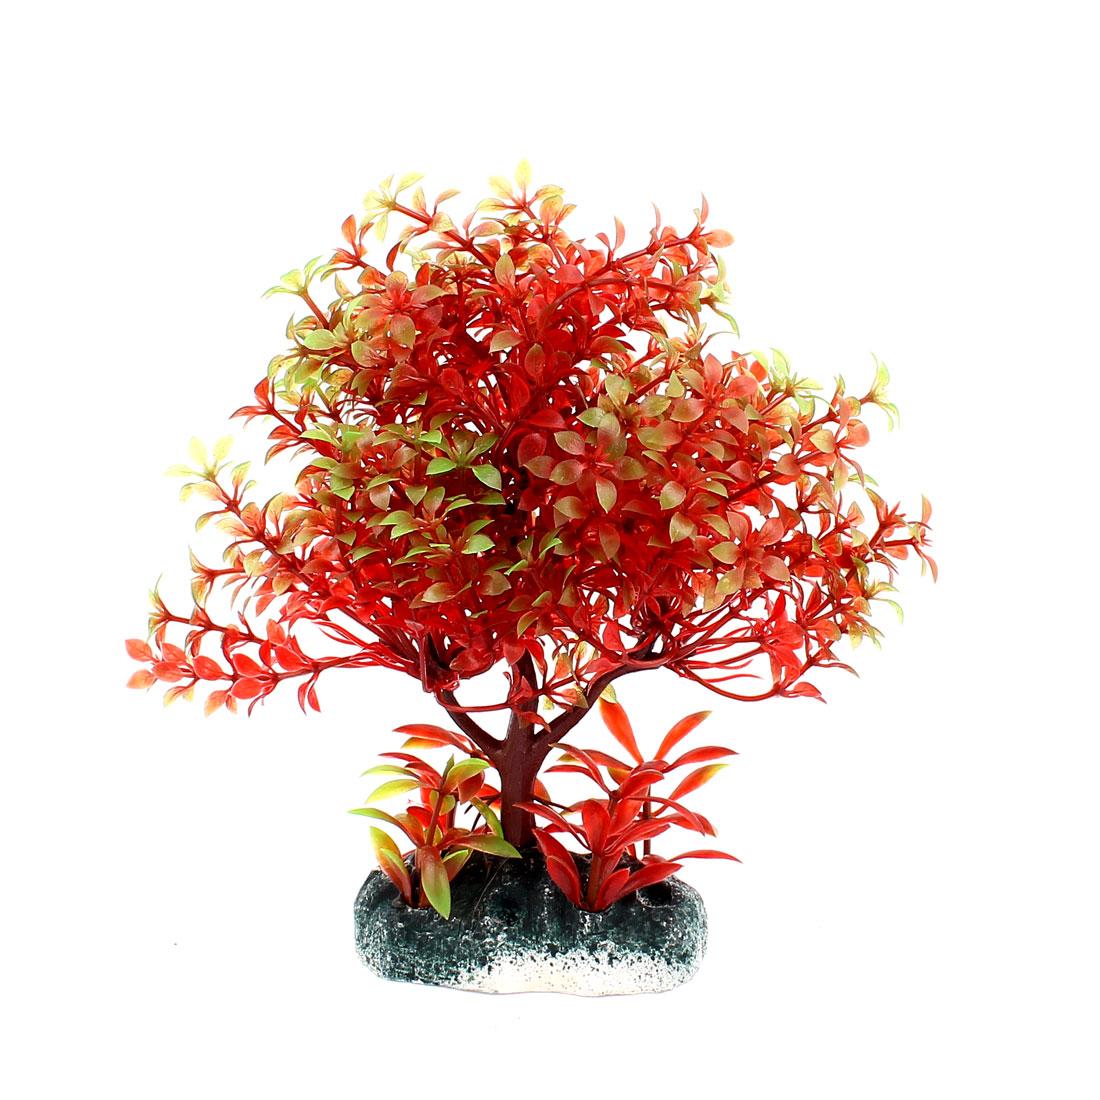 Plastic Underwater Aquatic Plant Fish Tank Aquarium Decor Dark Red